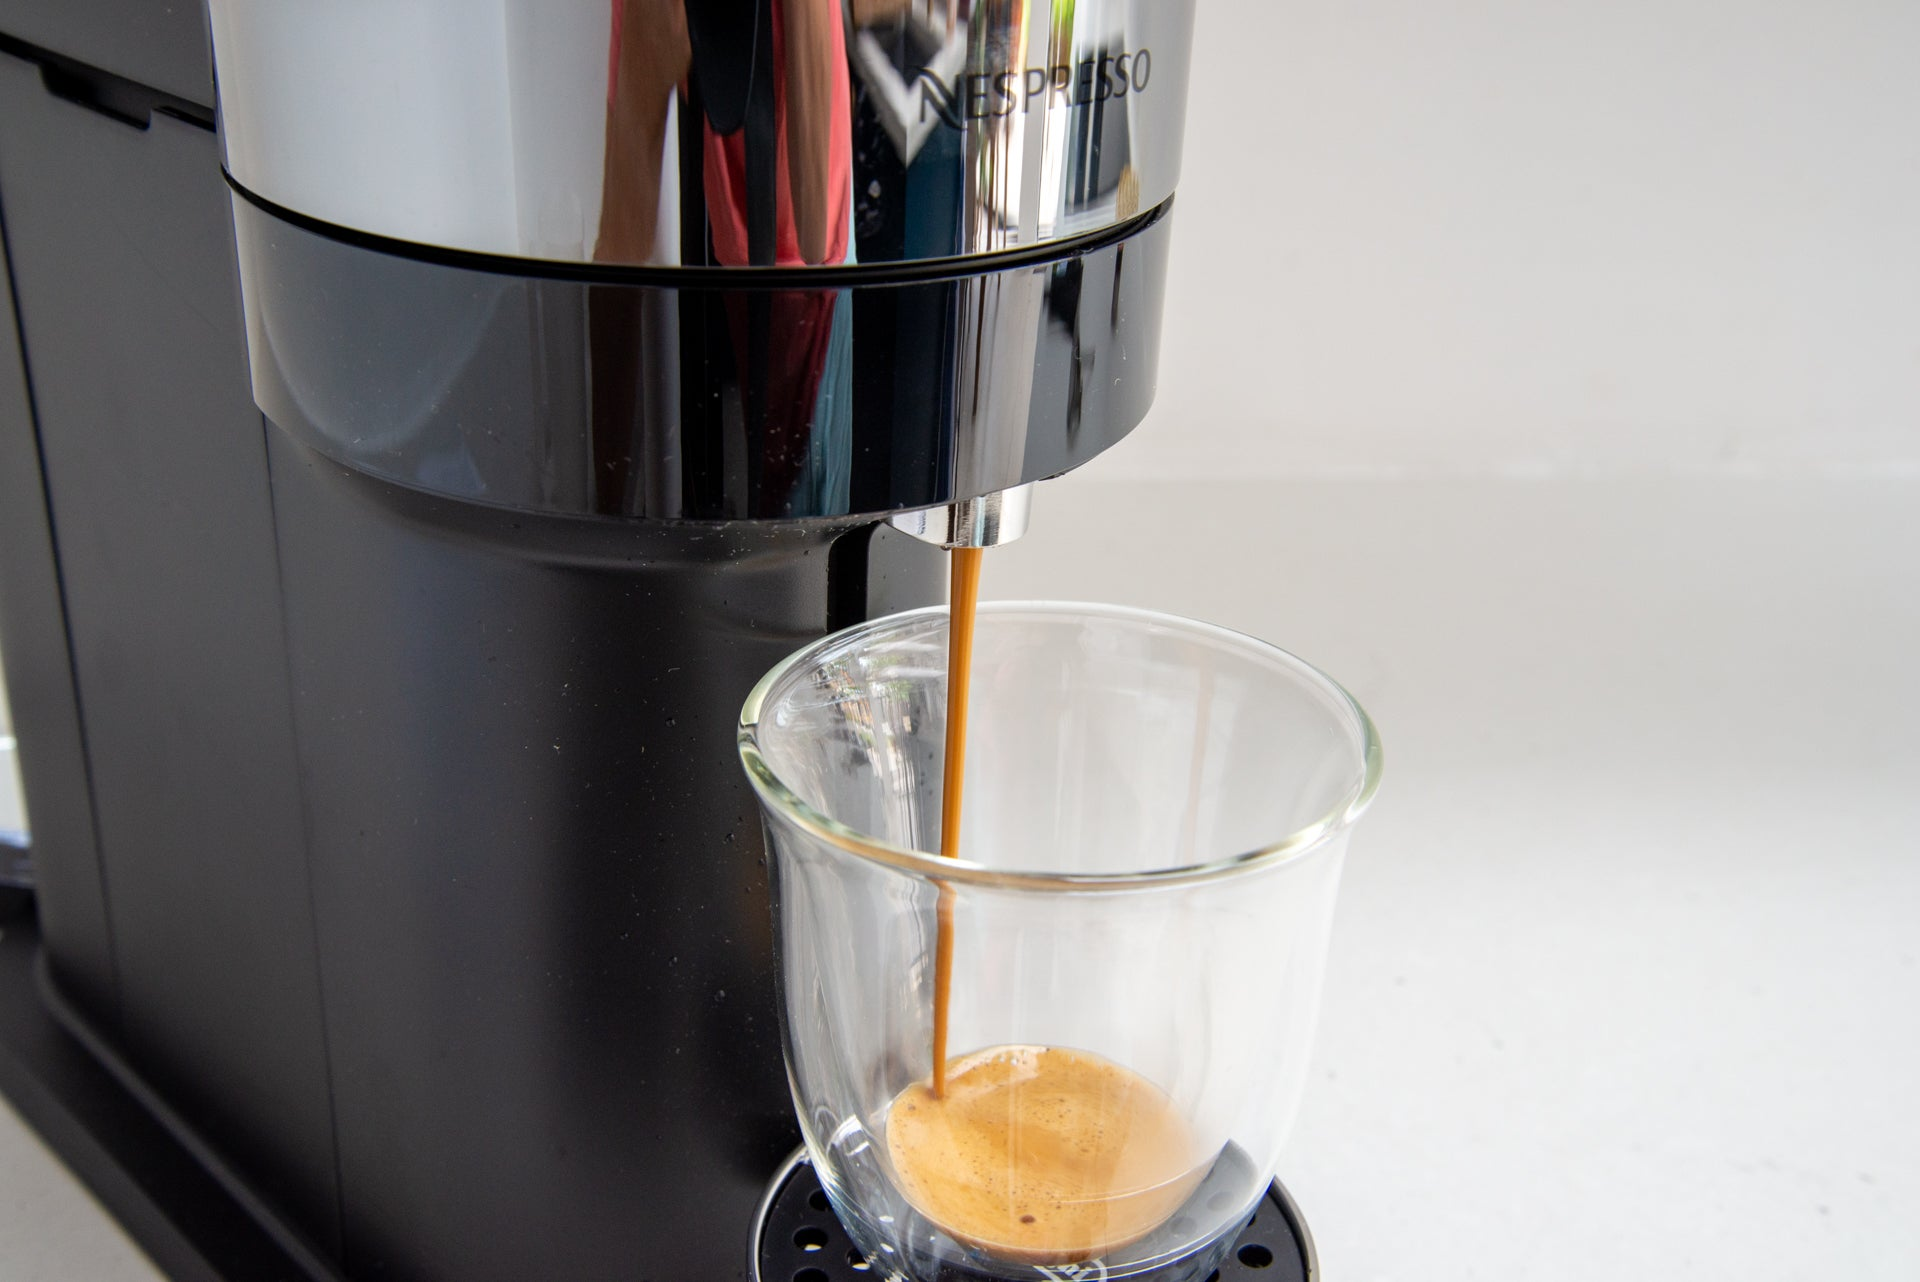 How to use a Nespresso Vertuo or Vertuoline machine ...